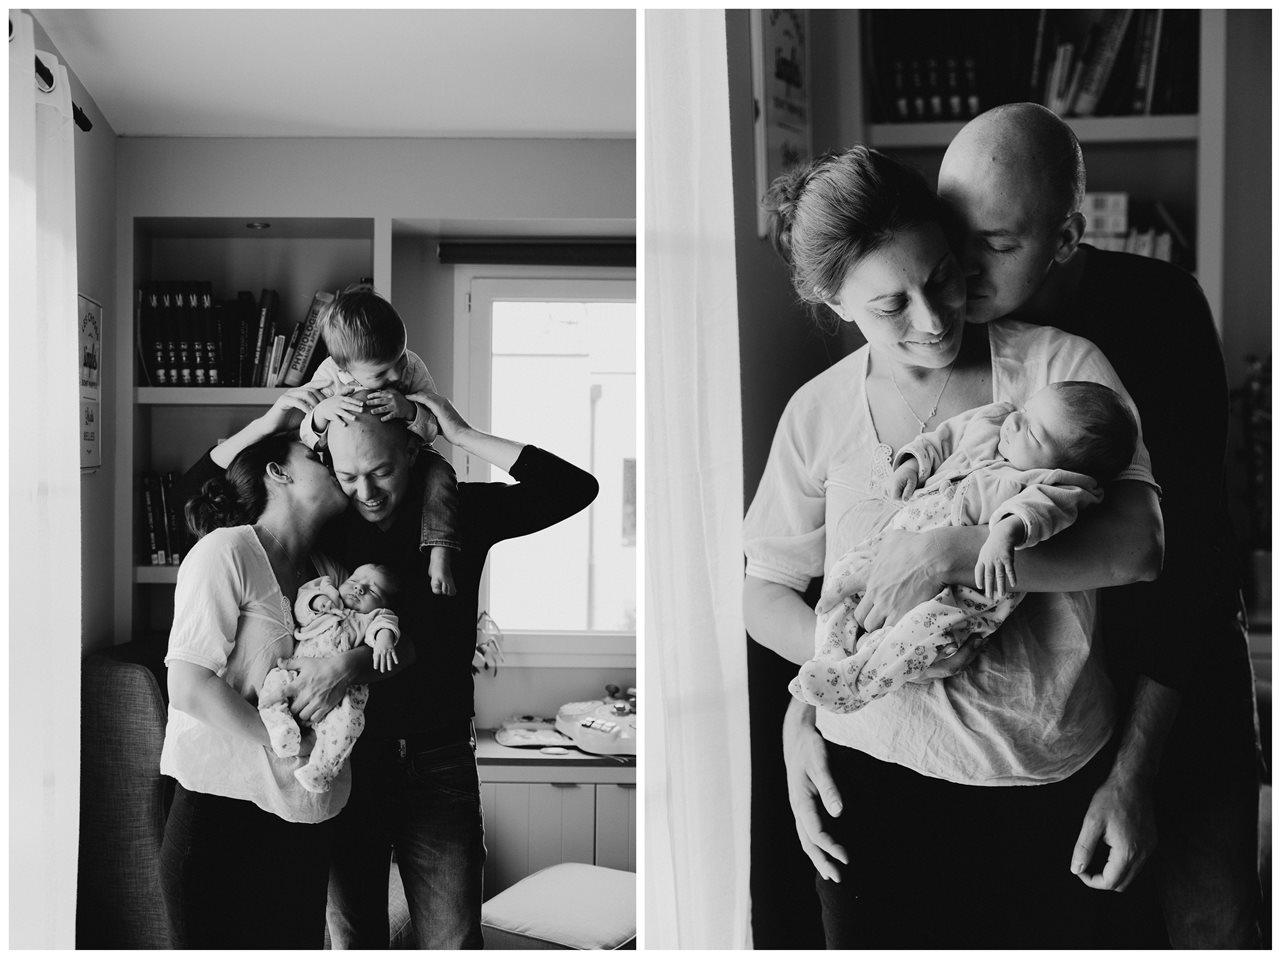 séance nouveau-né lifestyle portrait famille calîn interactions parents enfants noir et blanc